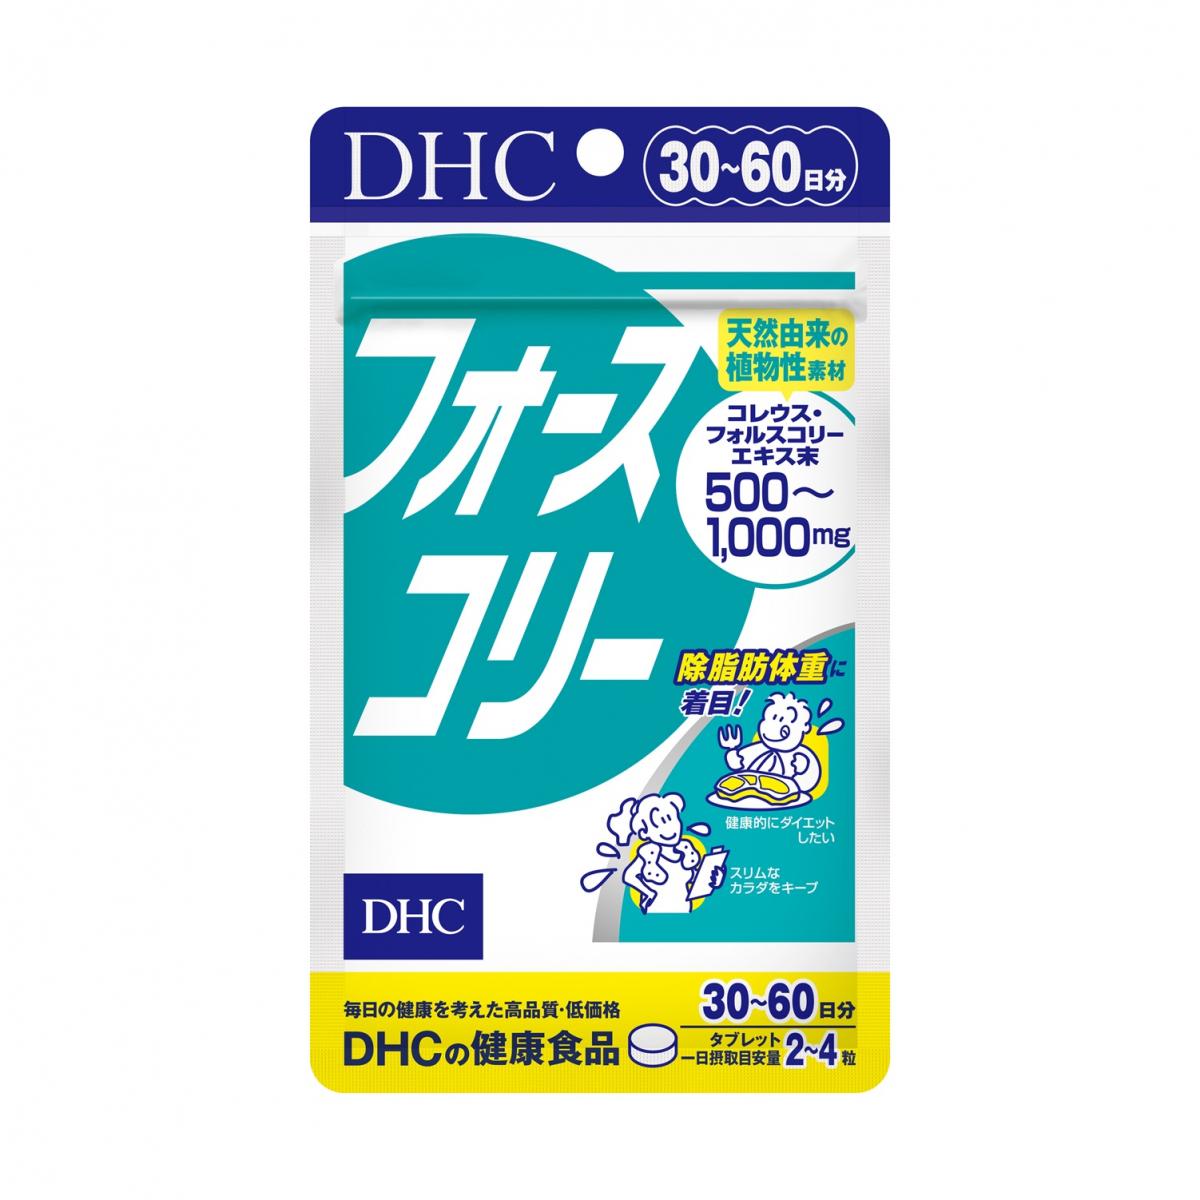 DHC(ディーエイチシー) DHC フォースコリー